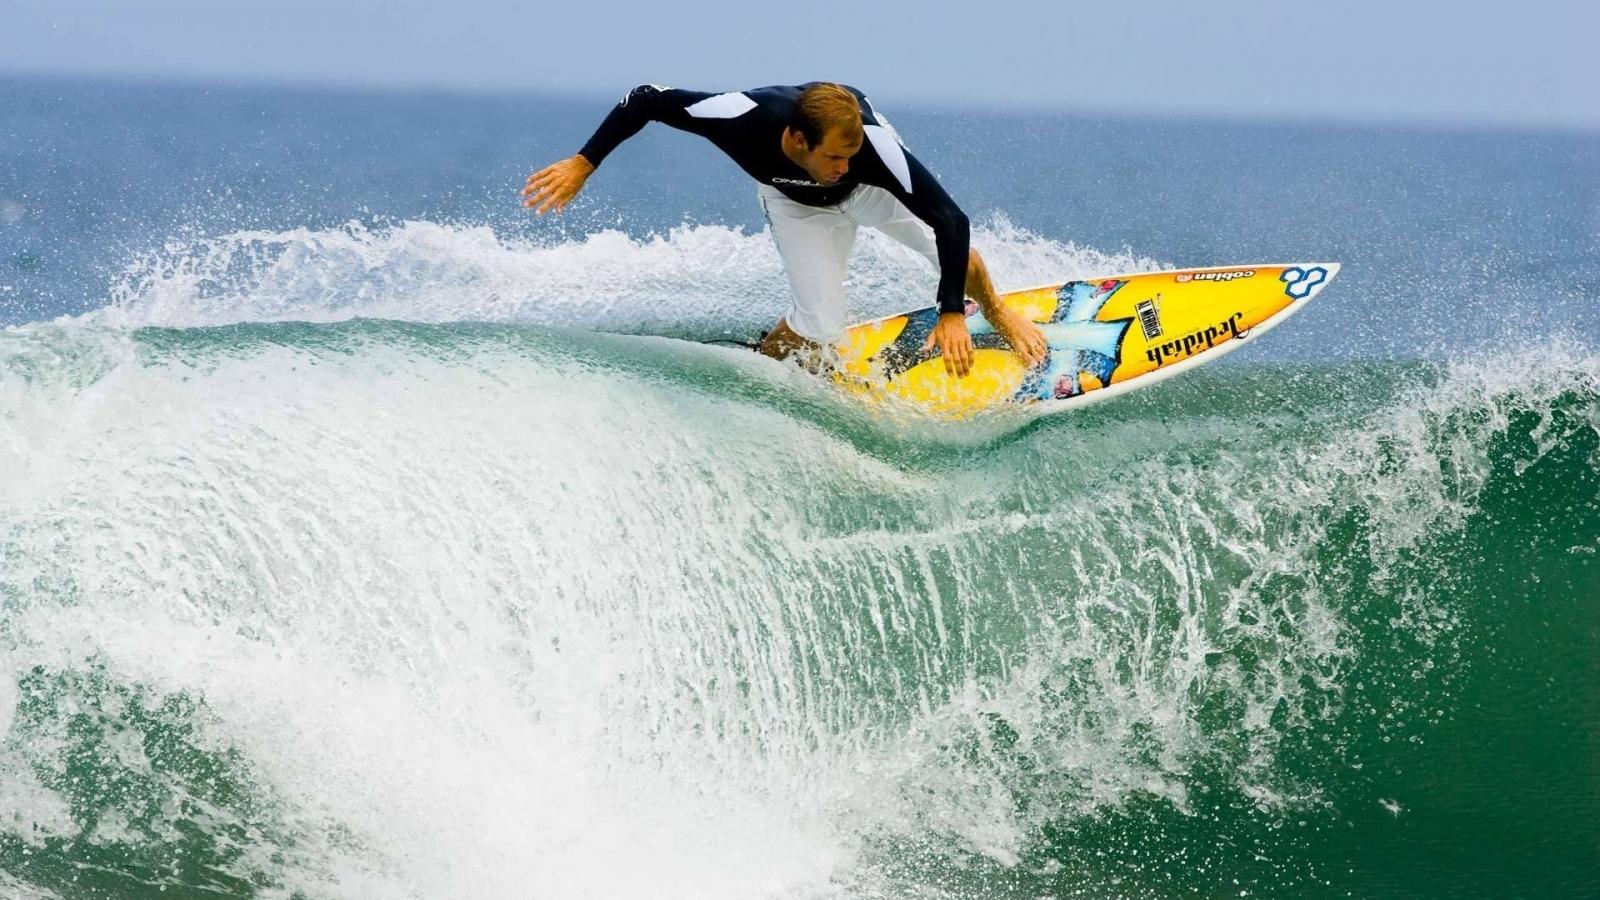 Surfeando olas - 1600x900